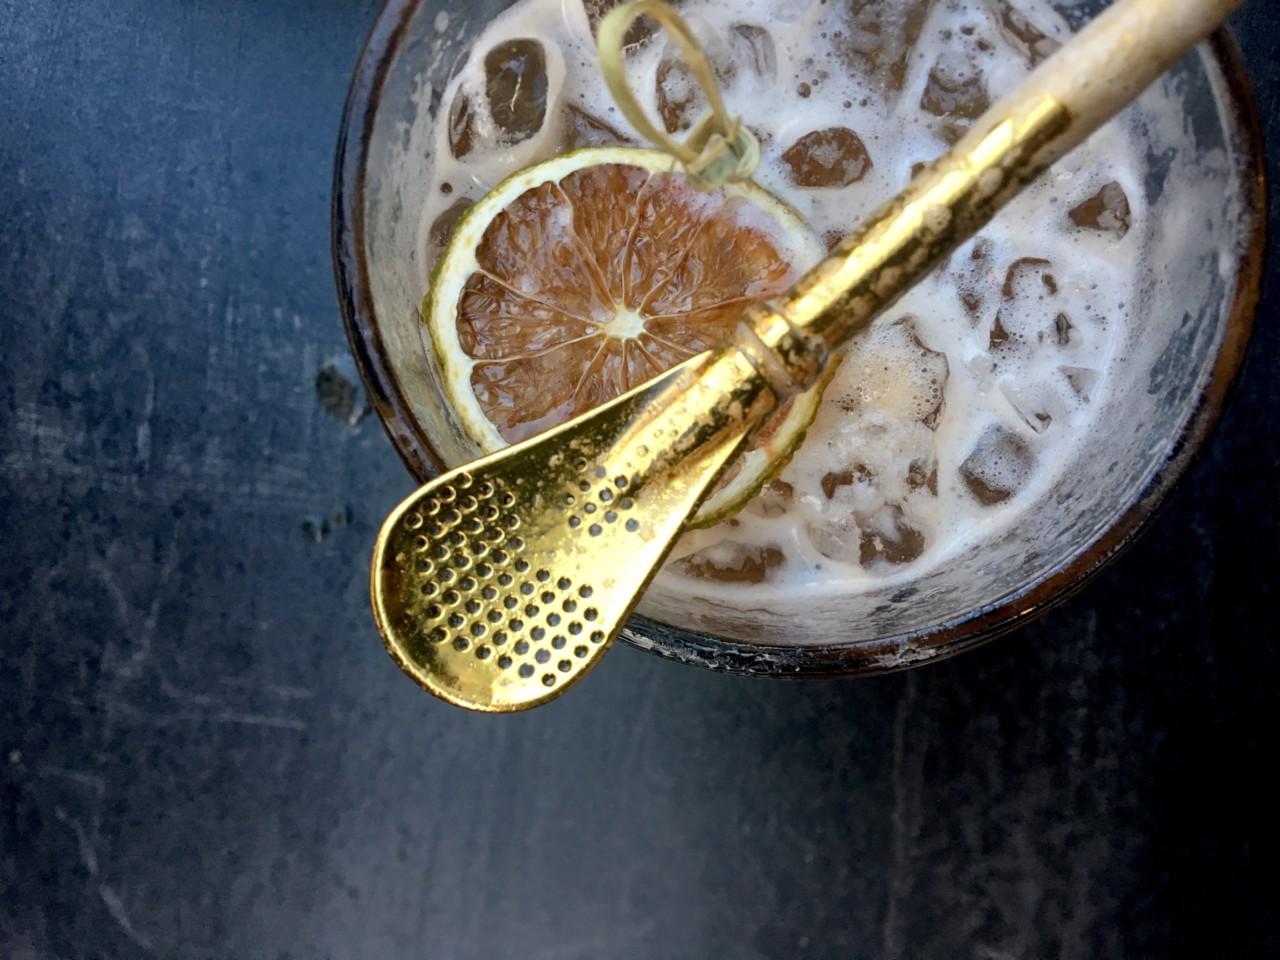 Mit liebevollen Details bei diesem leckeren Mezcal-Cocktails wie dem goldene Löffel, der gleichzeitig Strohhalm ist, wickelt uns das Team sofort um den Finger. Foto: Simone